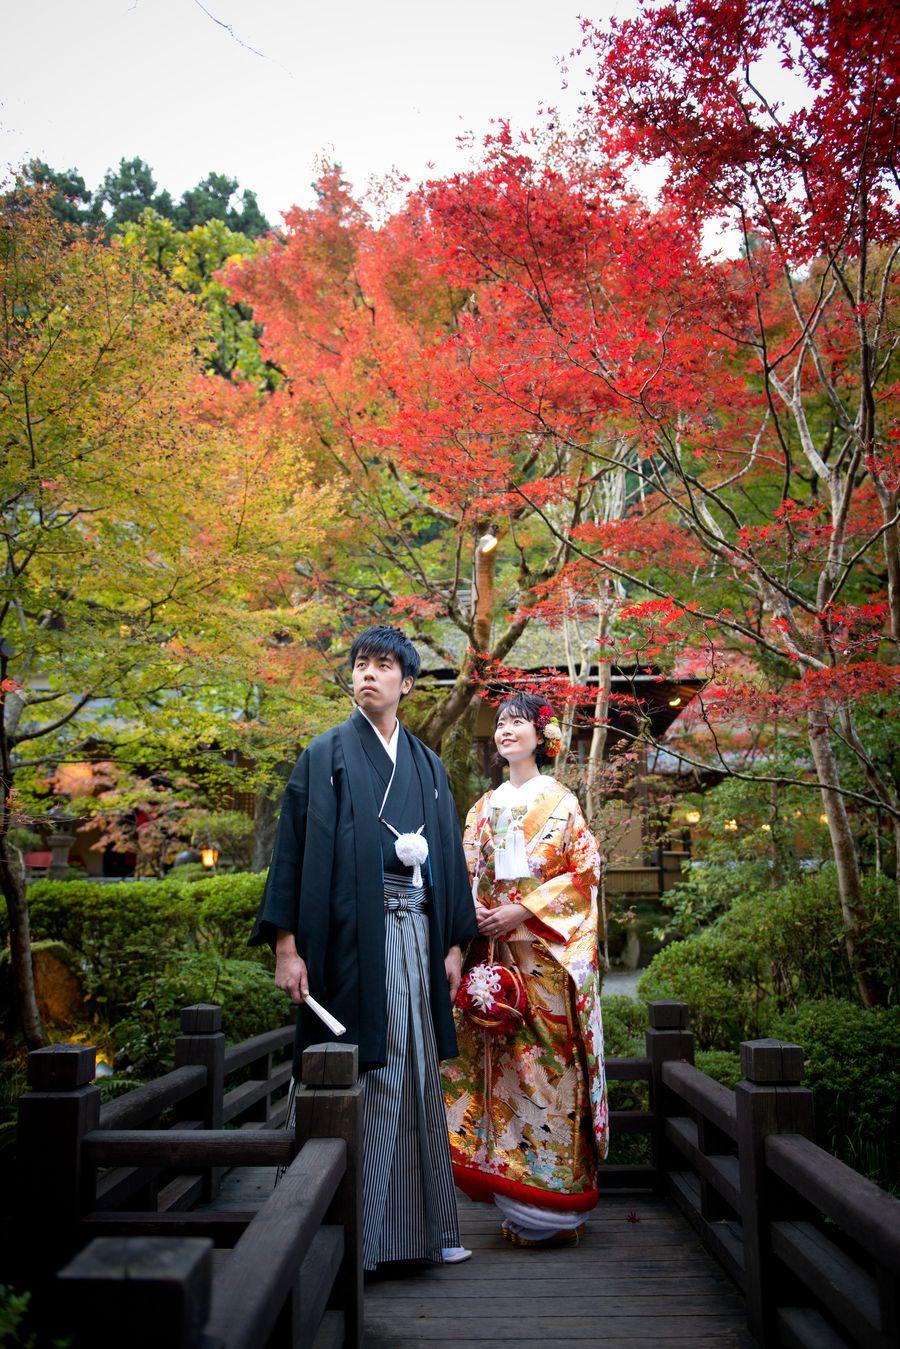 和装 ロケーション 色打掛 黒紋付袴 紅葉 庭園